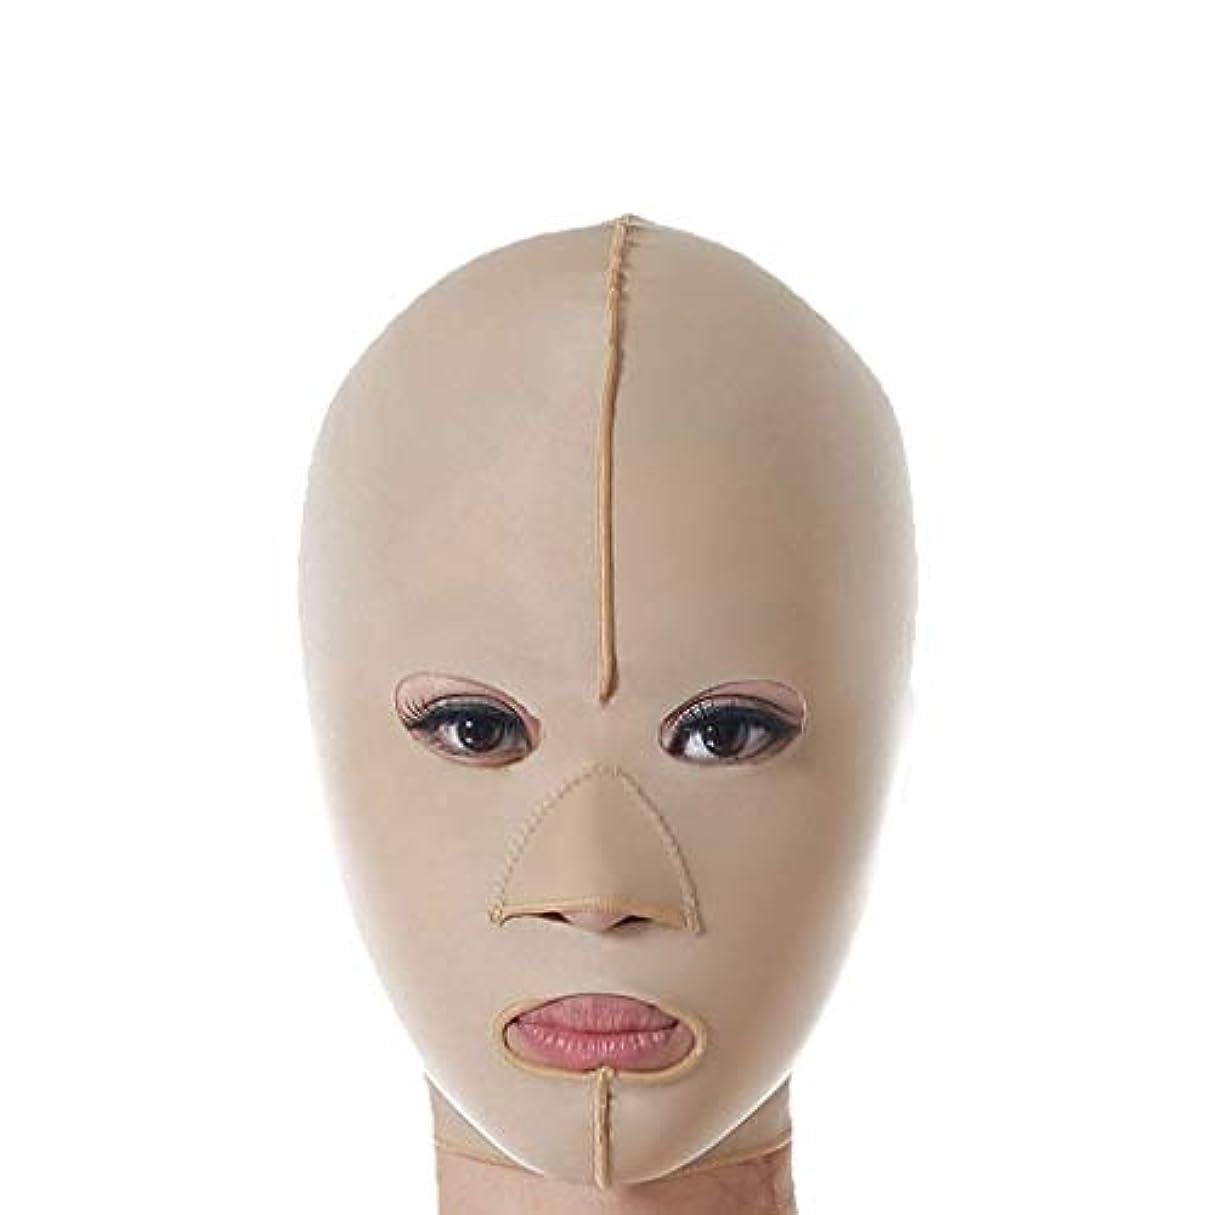 疫病全員支払う減量フェイスマスク、リフティング包帯、スリムフェイスリフトリフティングベルト、フェイシャル減量リフティング包帯、リフティングファーミング包帯(サイズ:XL),S